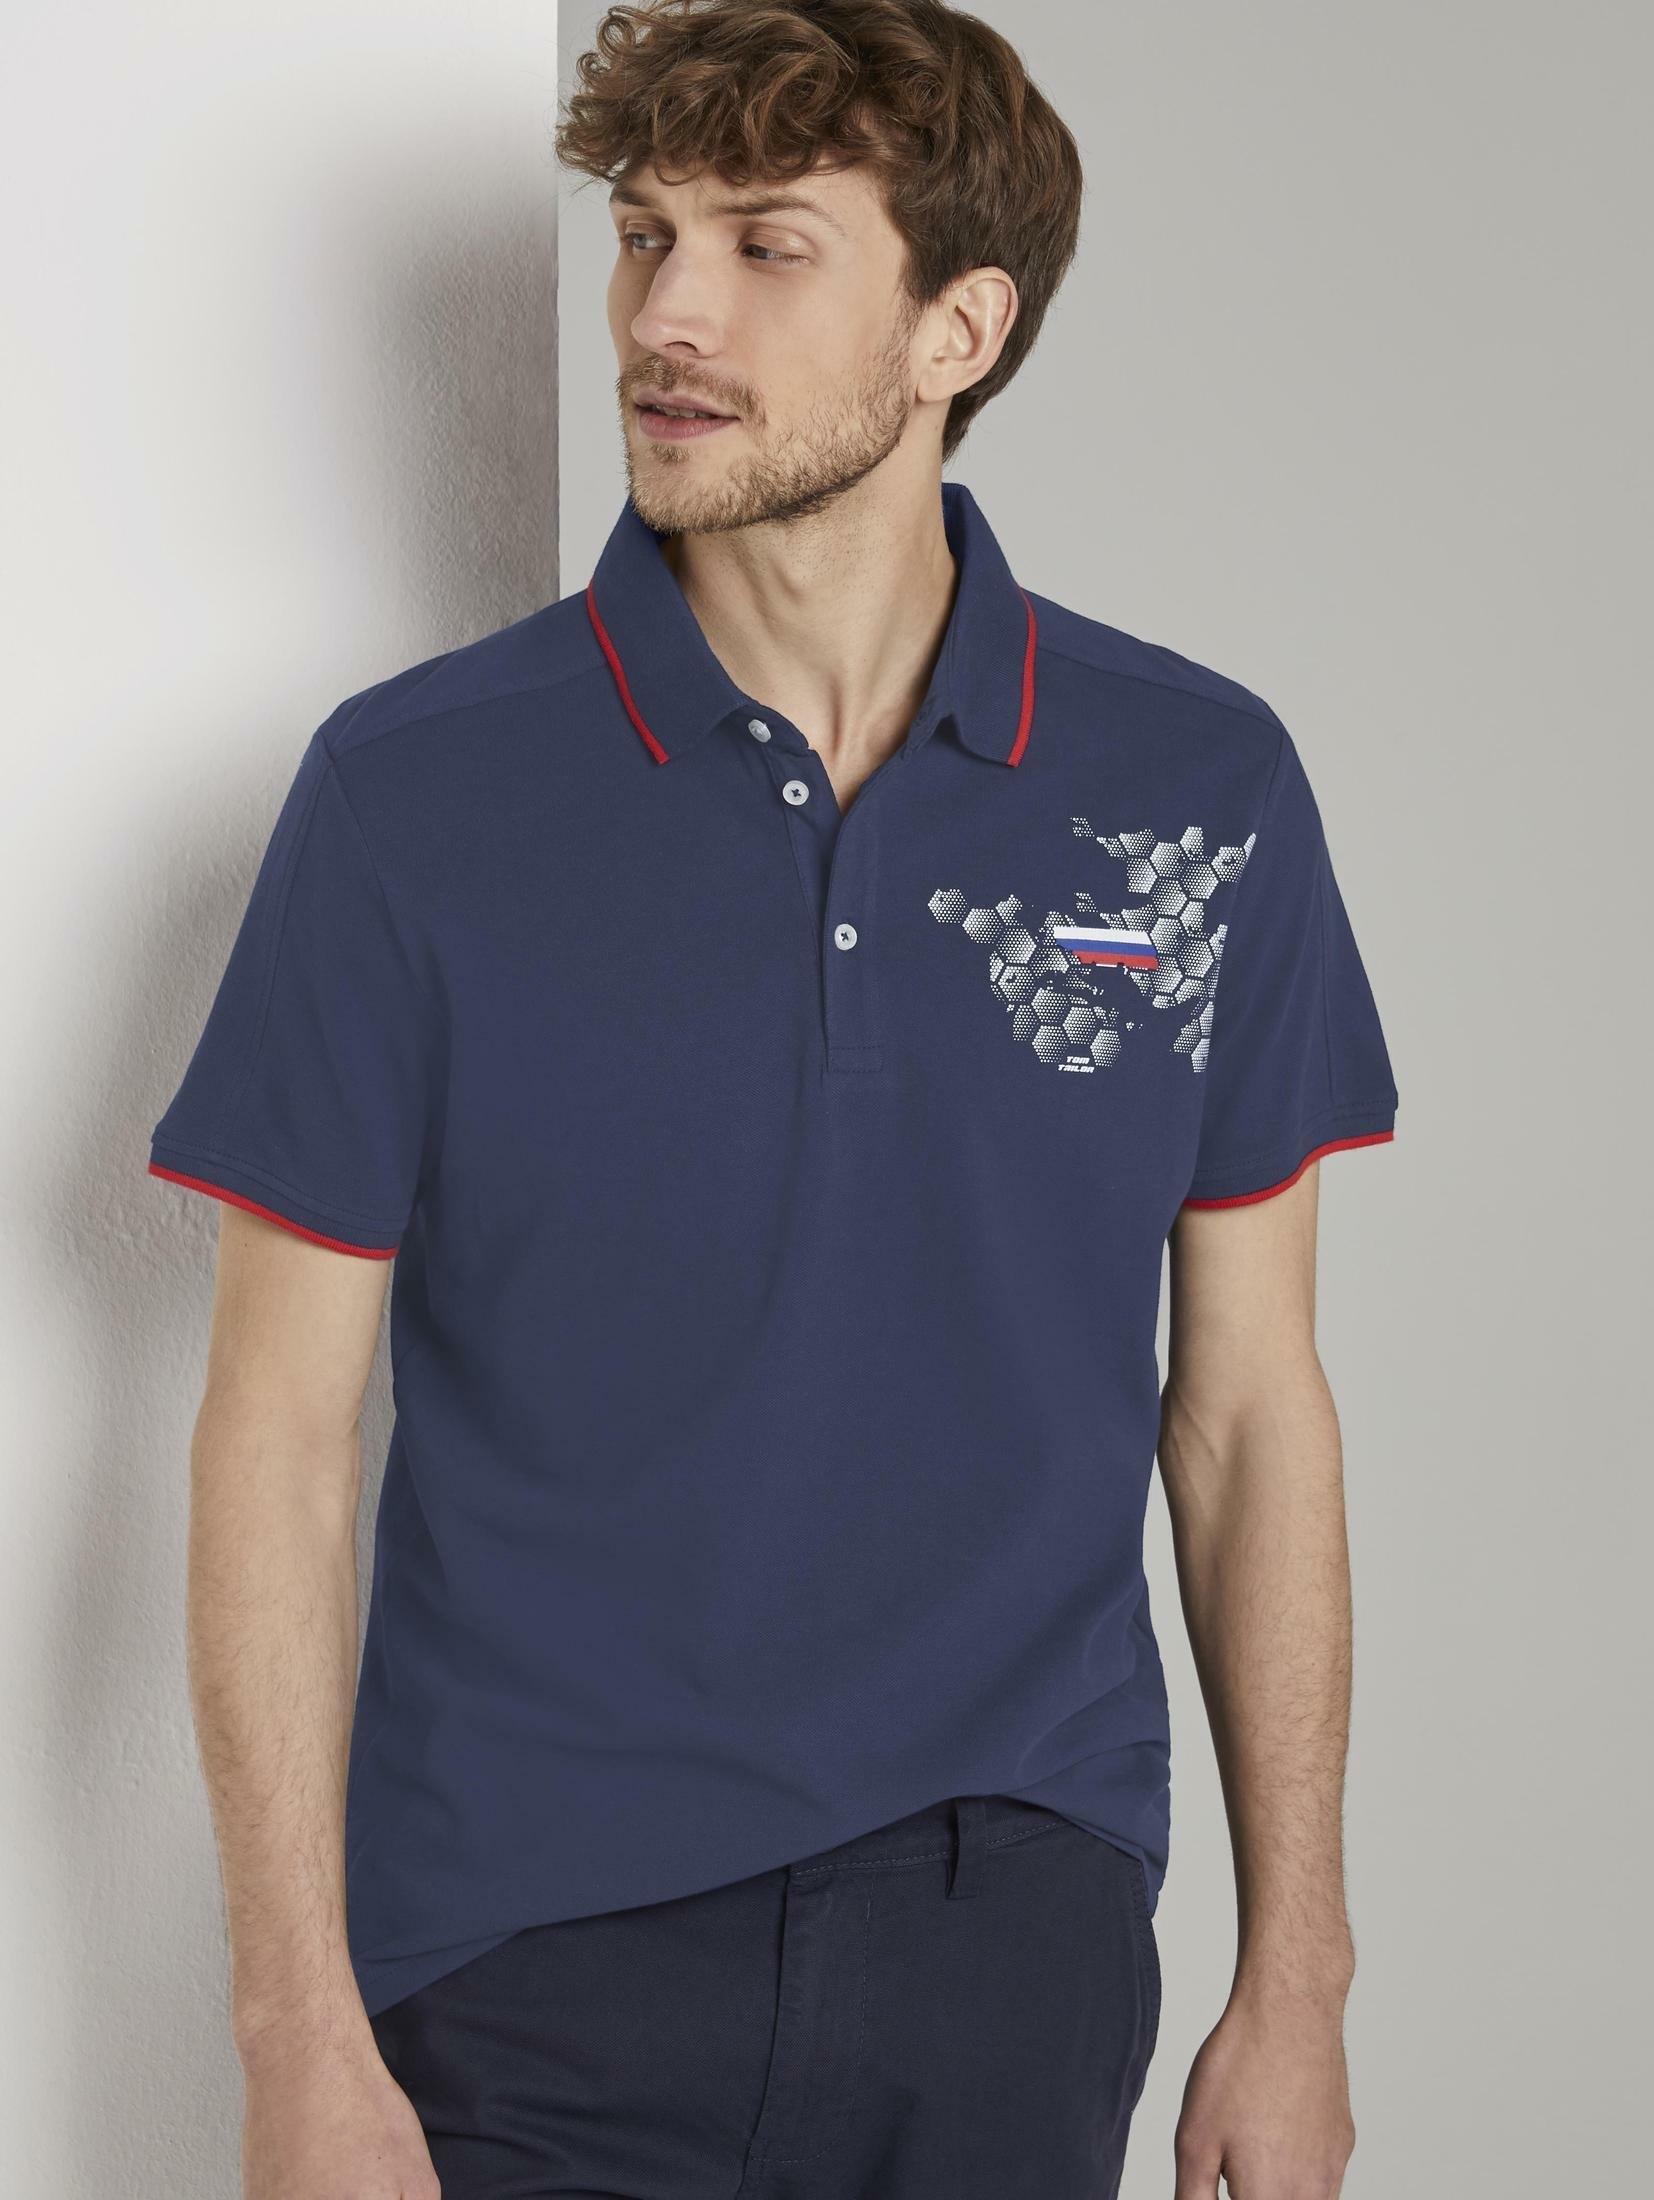 Tom Tailor poloshirt »Sportliches Poloshirt mit Fußball-EM-Print« nu online kopen bij OTTO